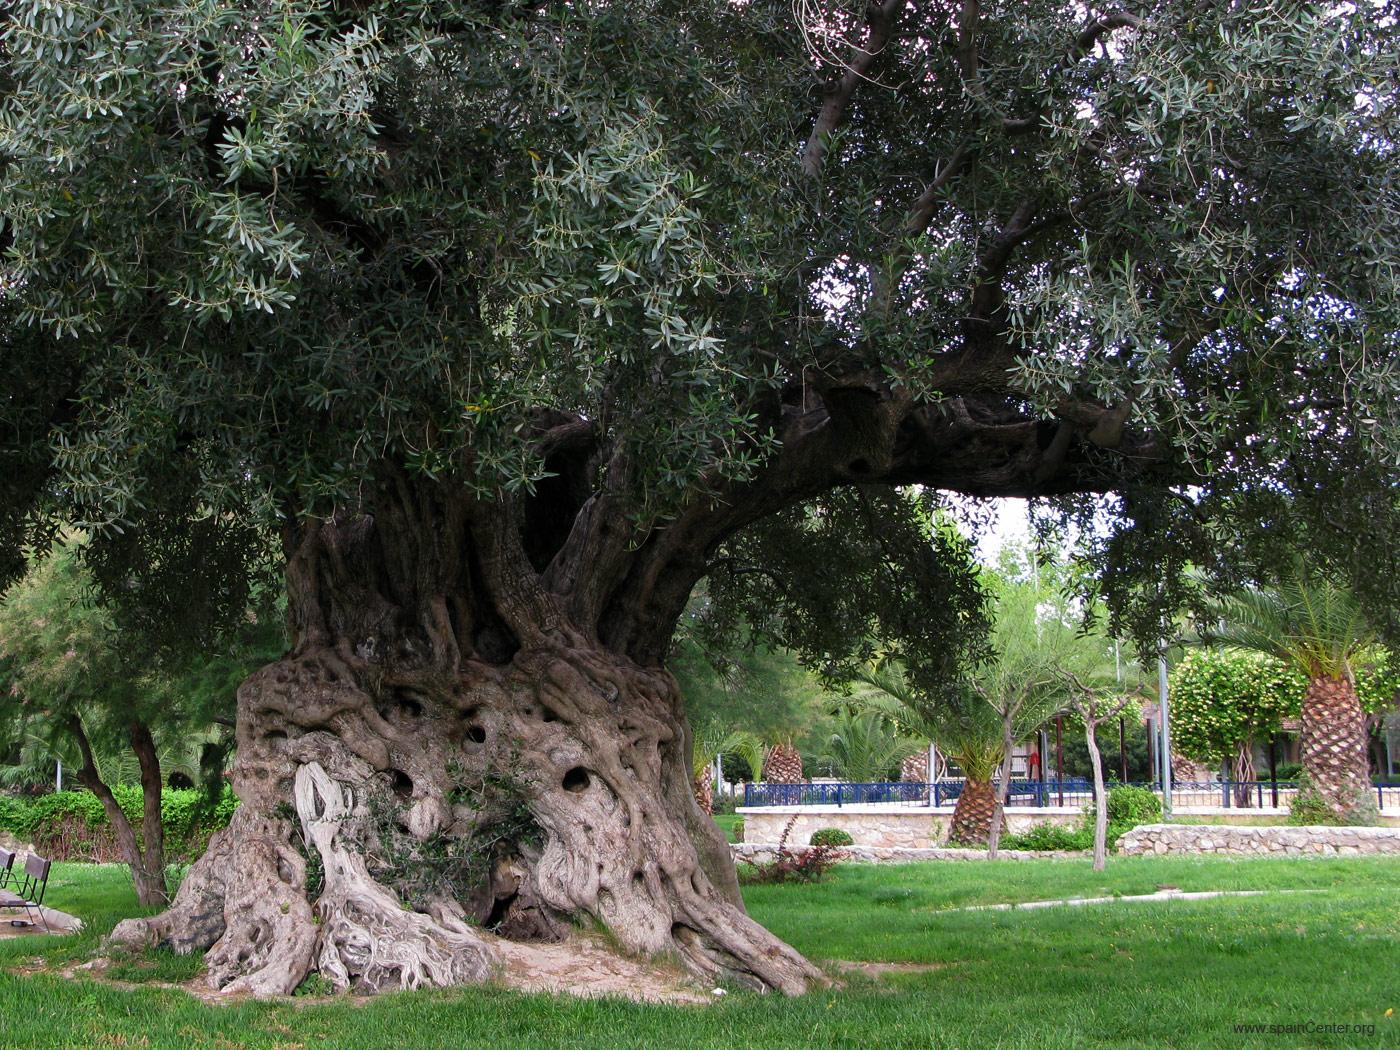 Rbol de olivo negro parques alegres i a p for Arbol con raices y frutos